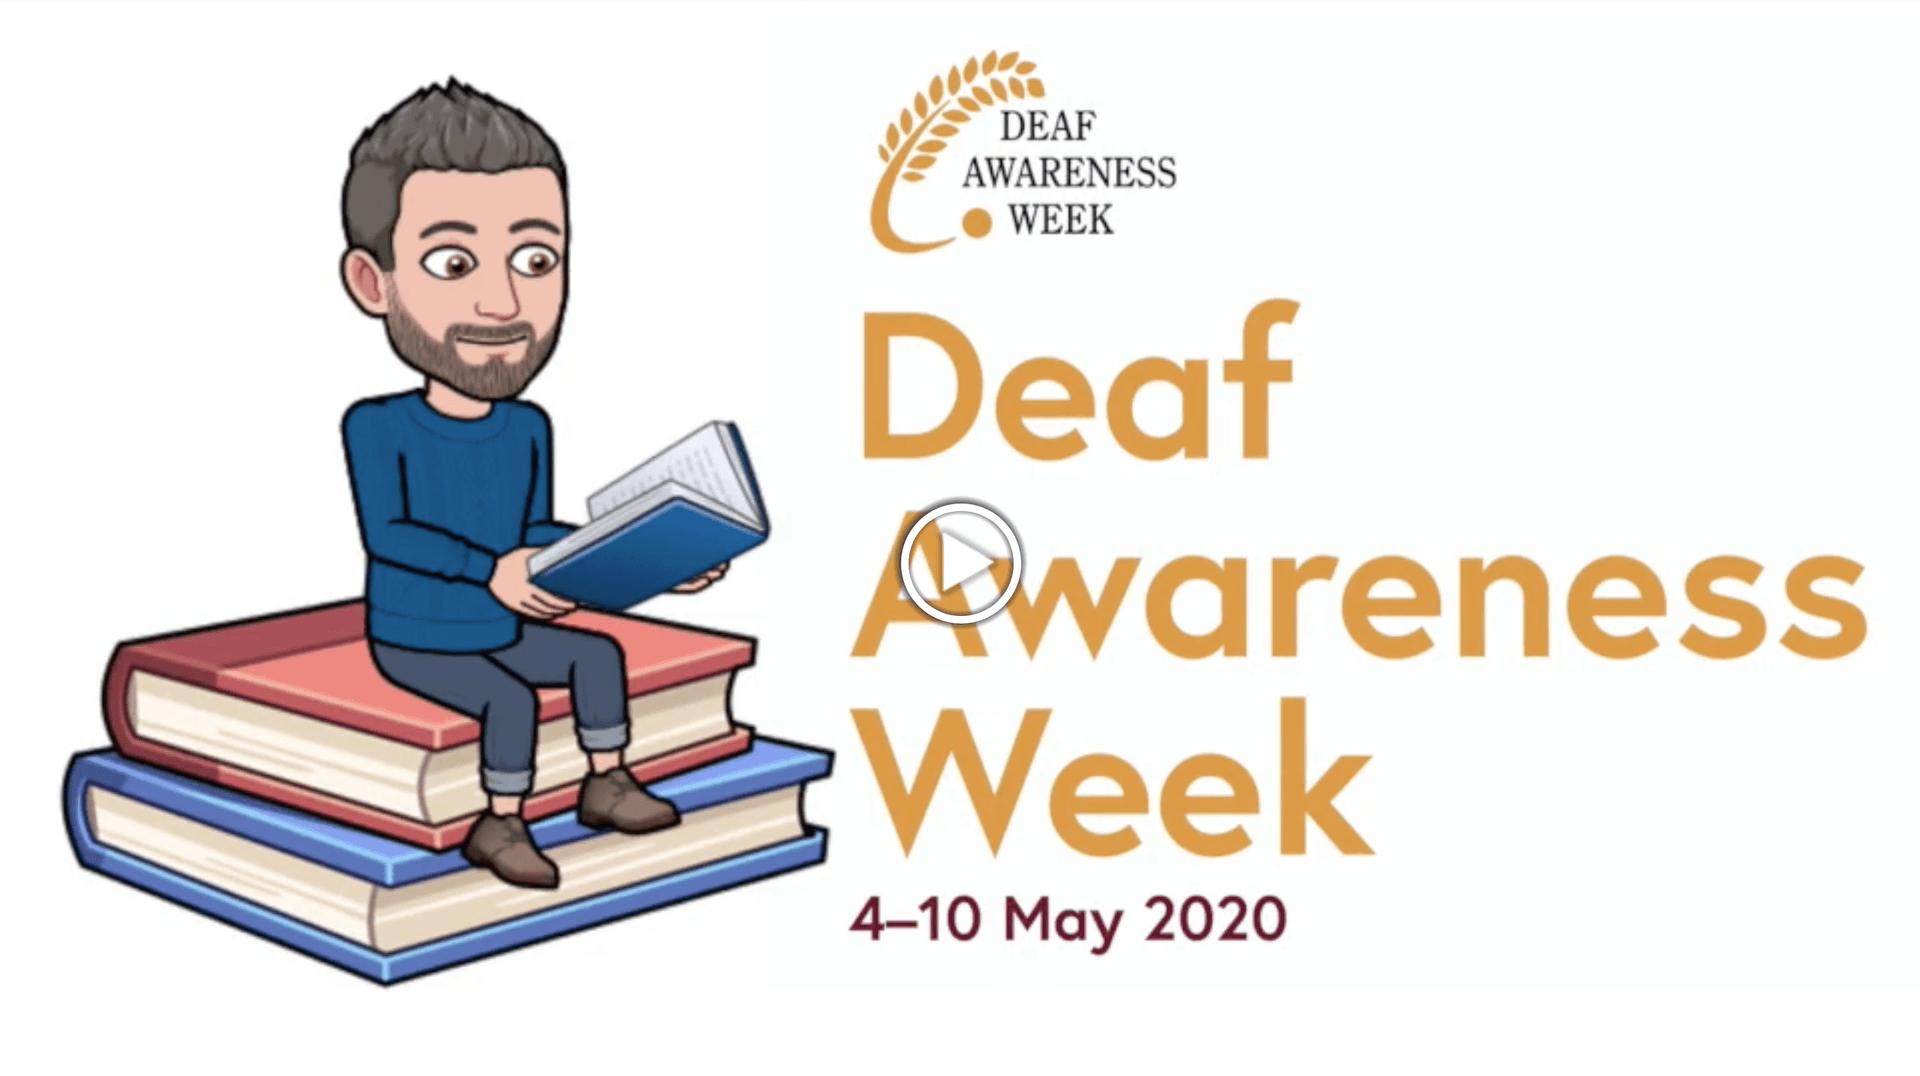 Dear Awareness Week